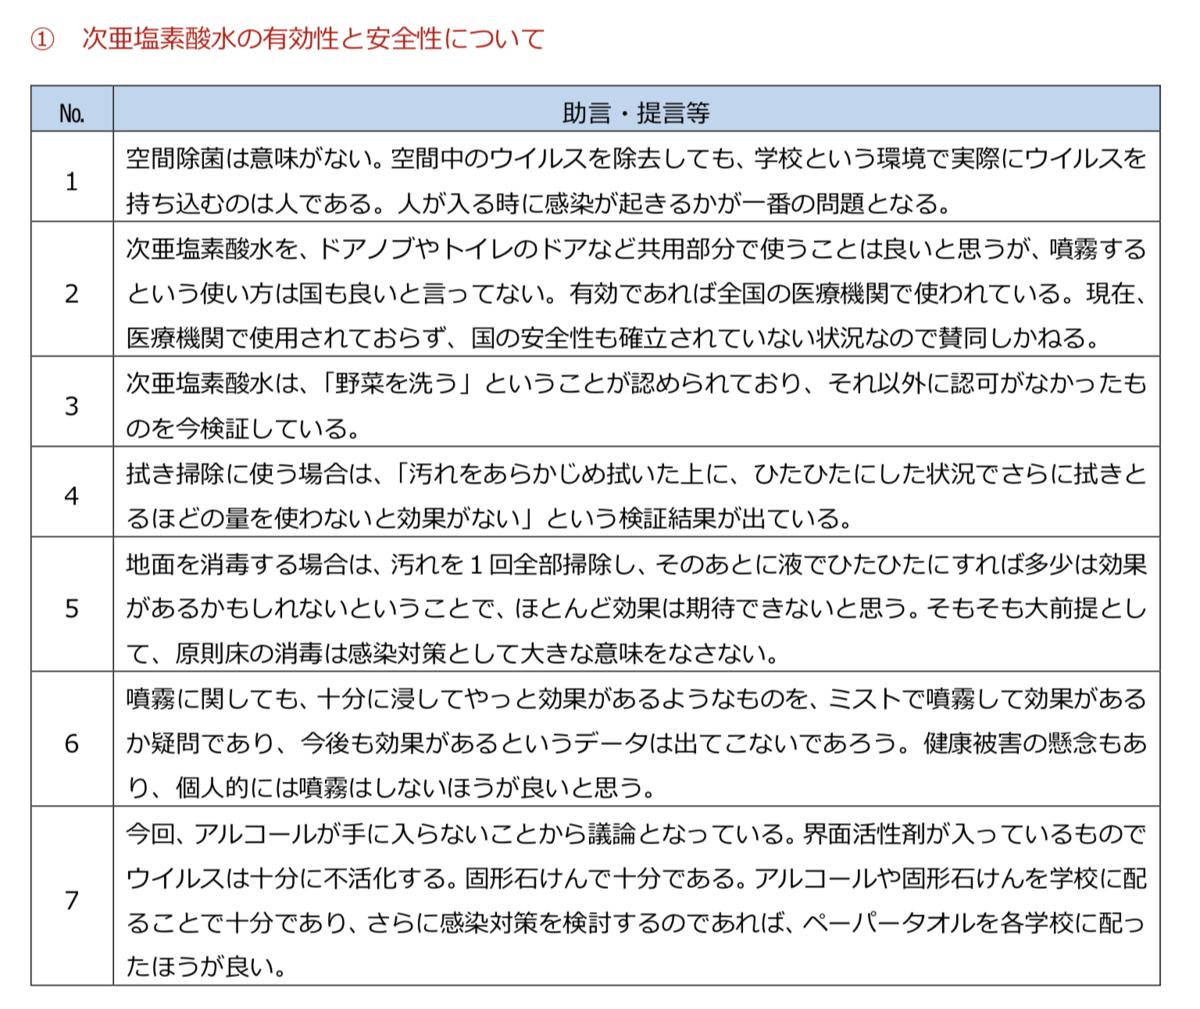 f:id:gogo-eguchi:20200925020011p:plain